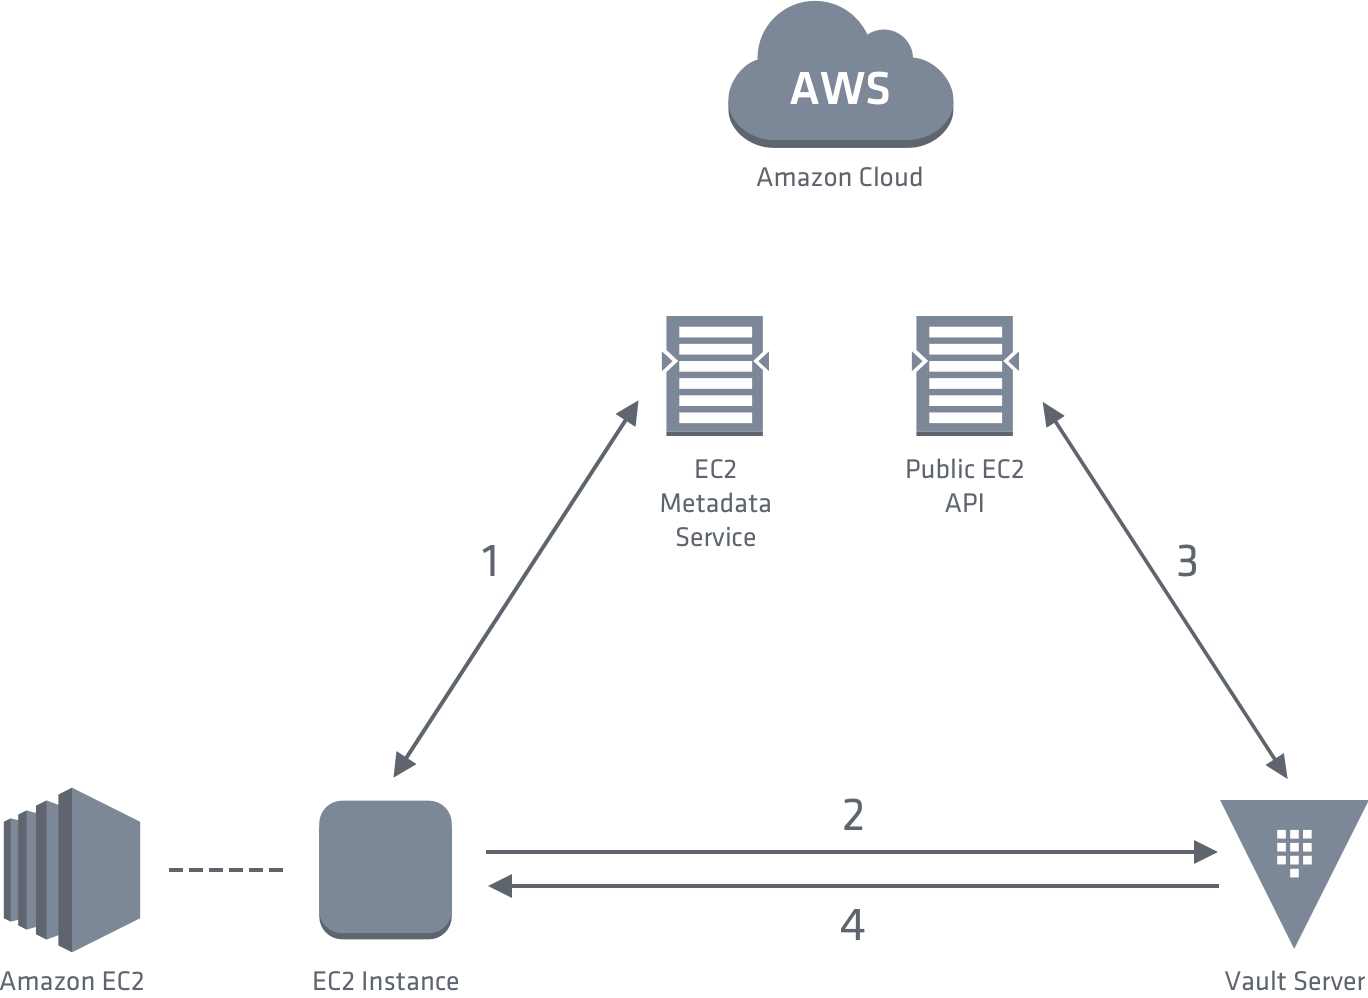 Vault AWS EC2 Authentication Flow